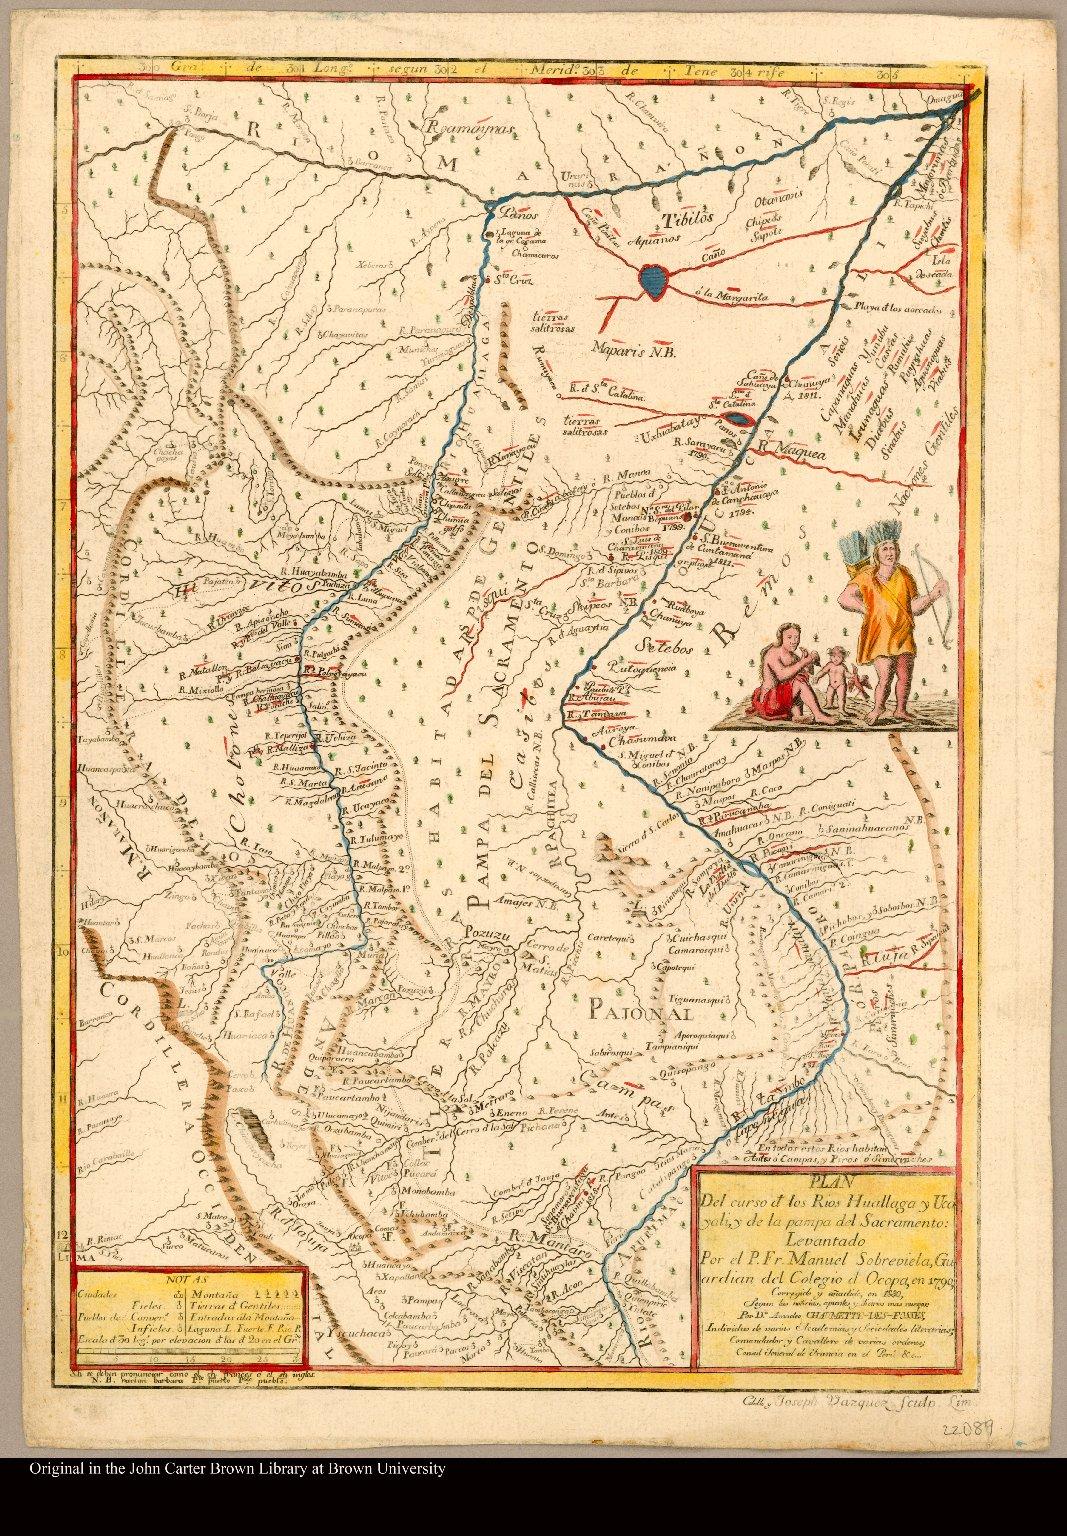 Plan del curso de los Rios Huallaga y Ucayali, y de la pampa